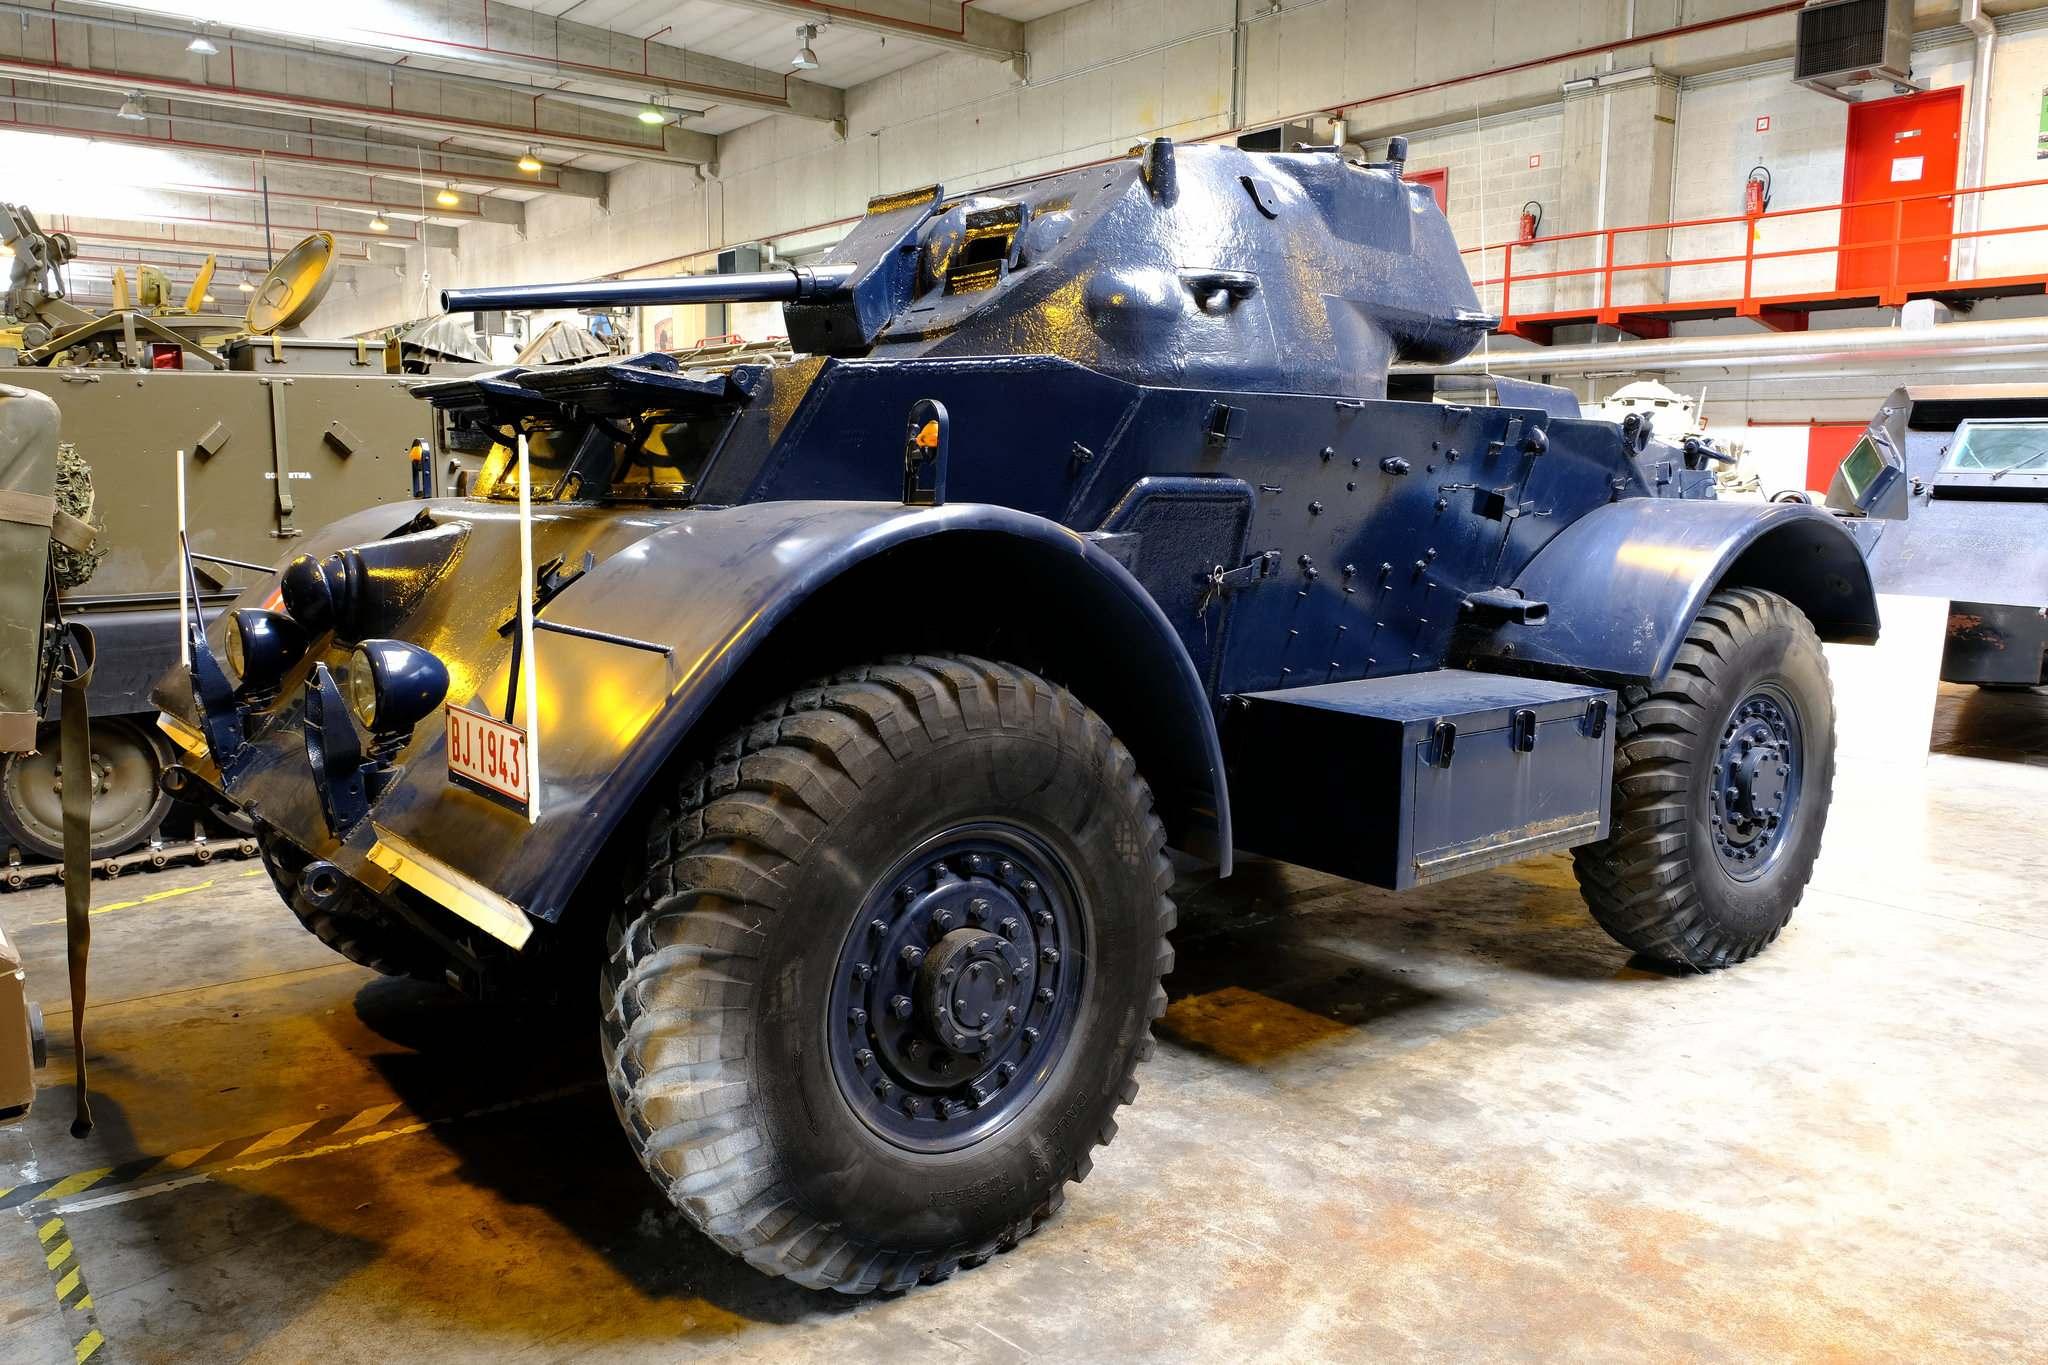 museum brasschaat10 Gunfire Museum Brasschaat in Belgium